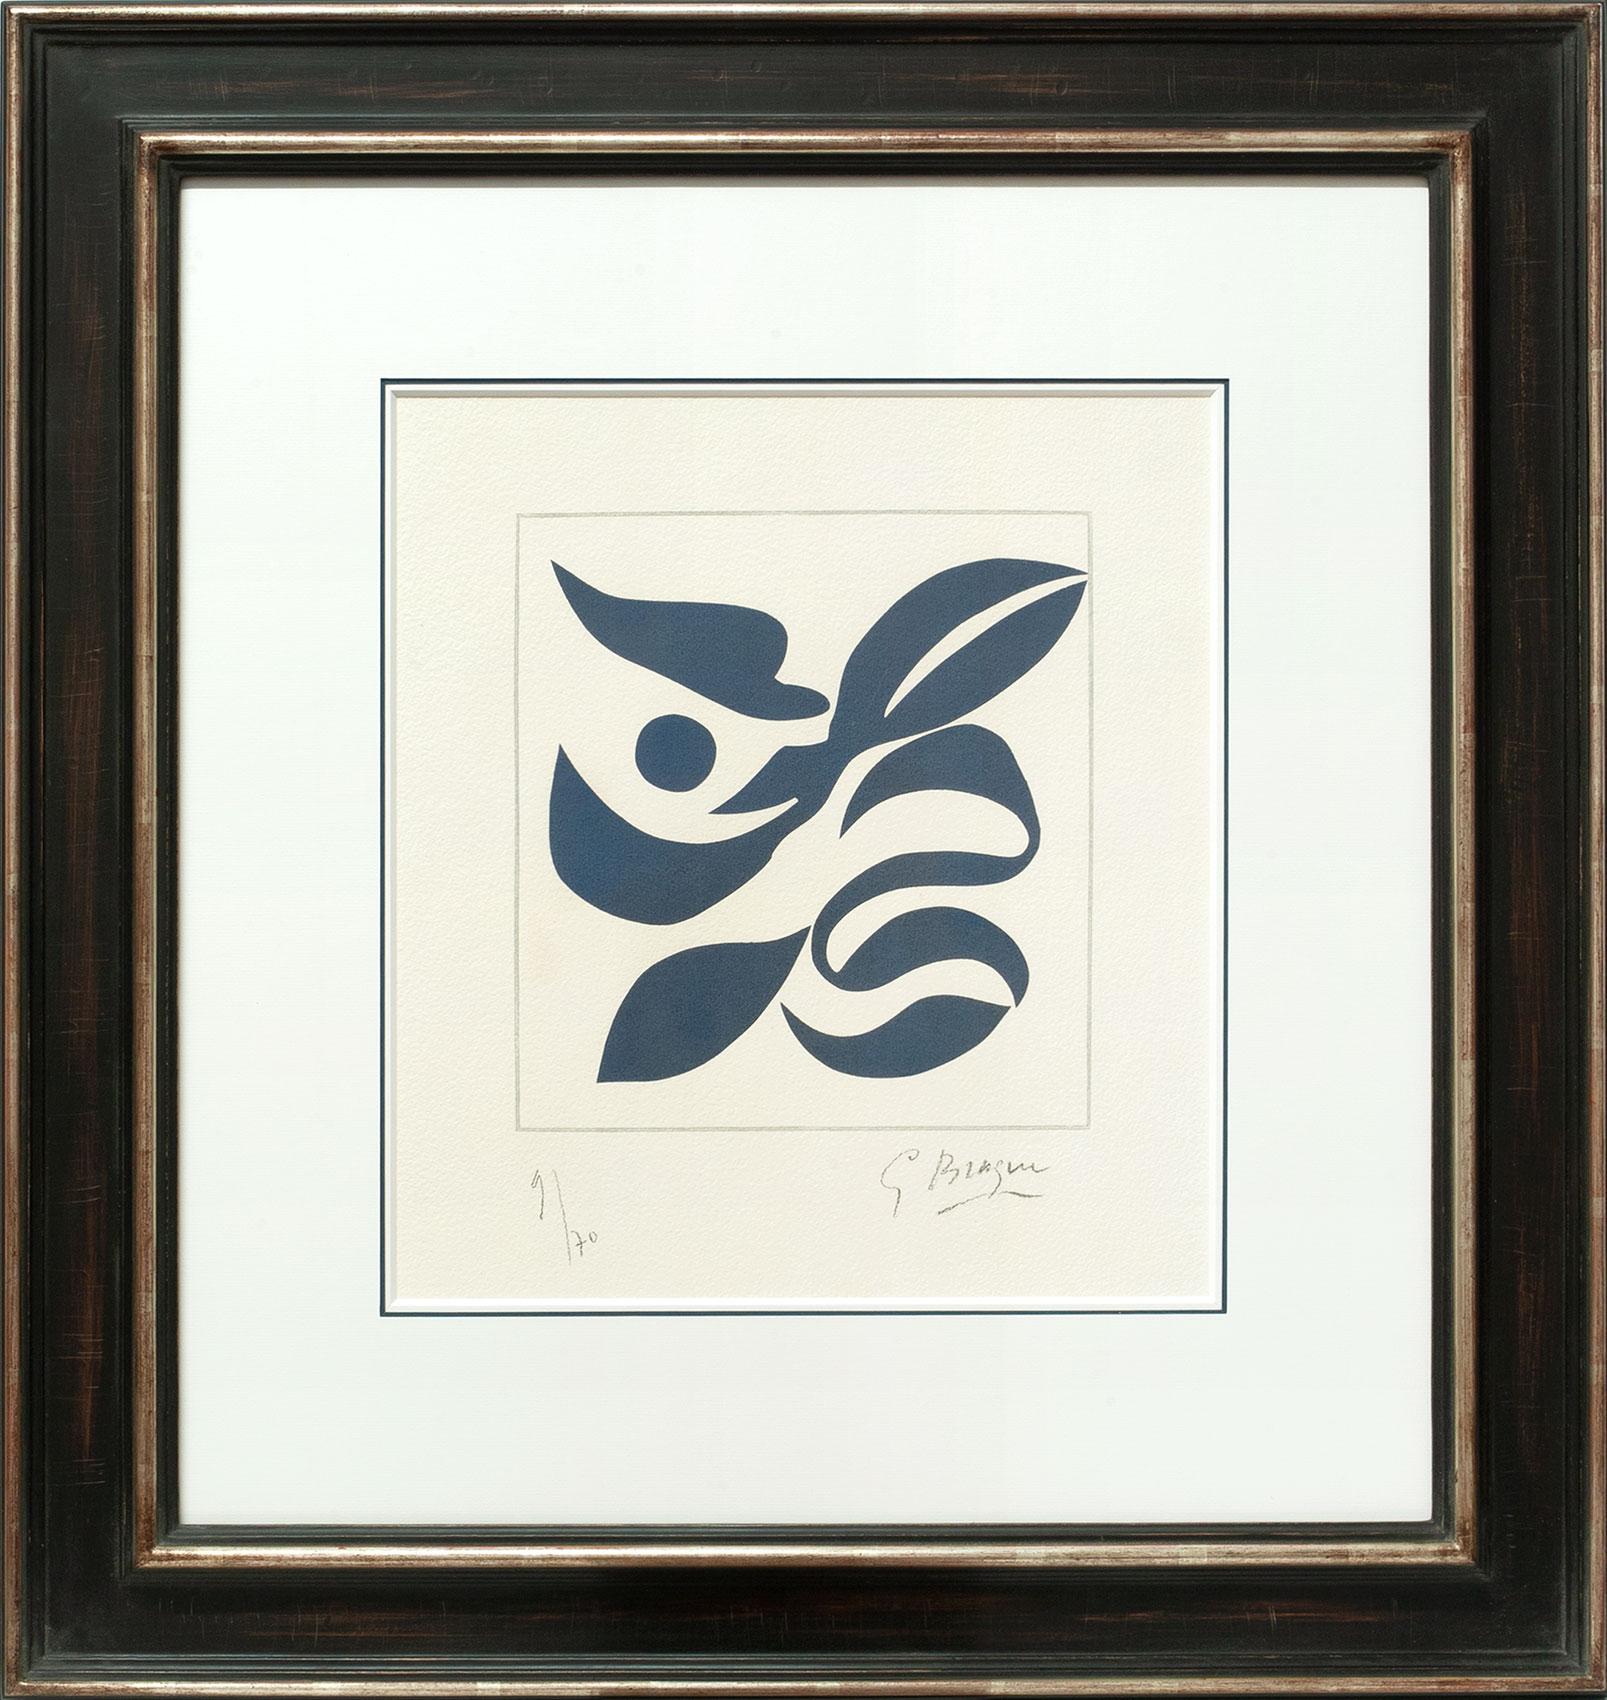 Georges Braque, Si je mourais là-bas, Galerie Française